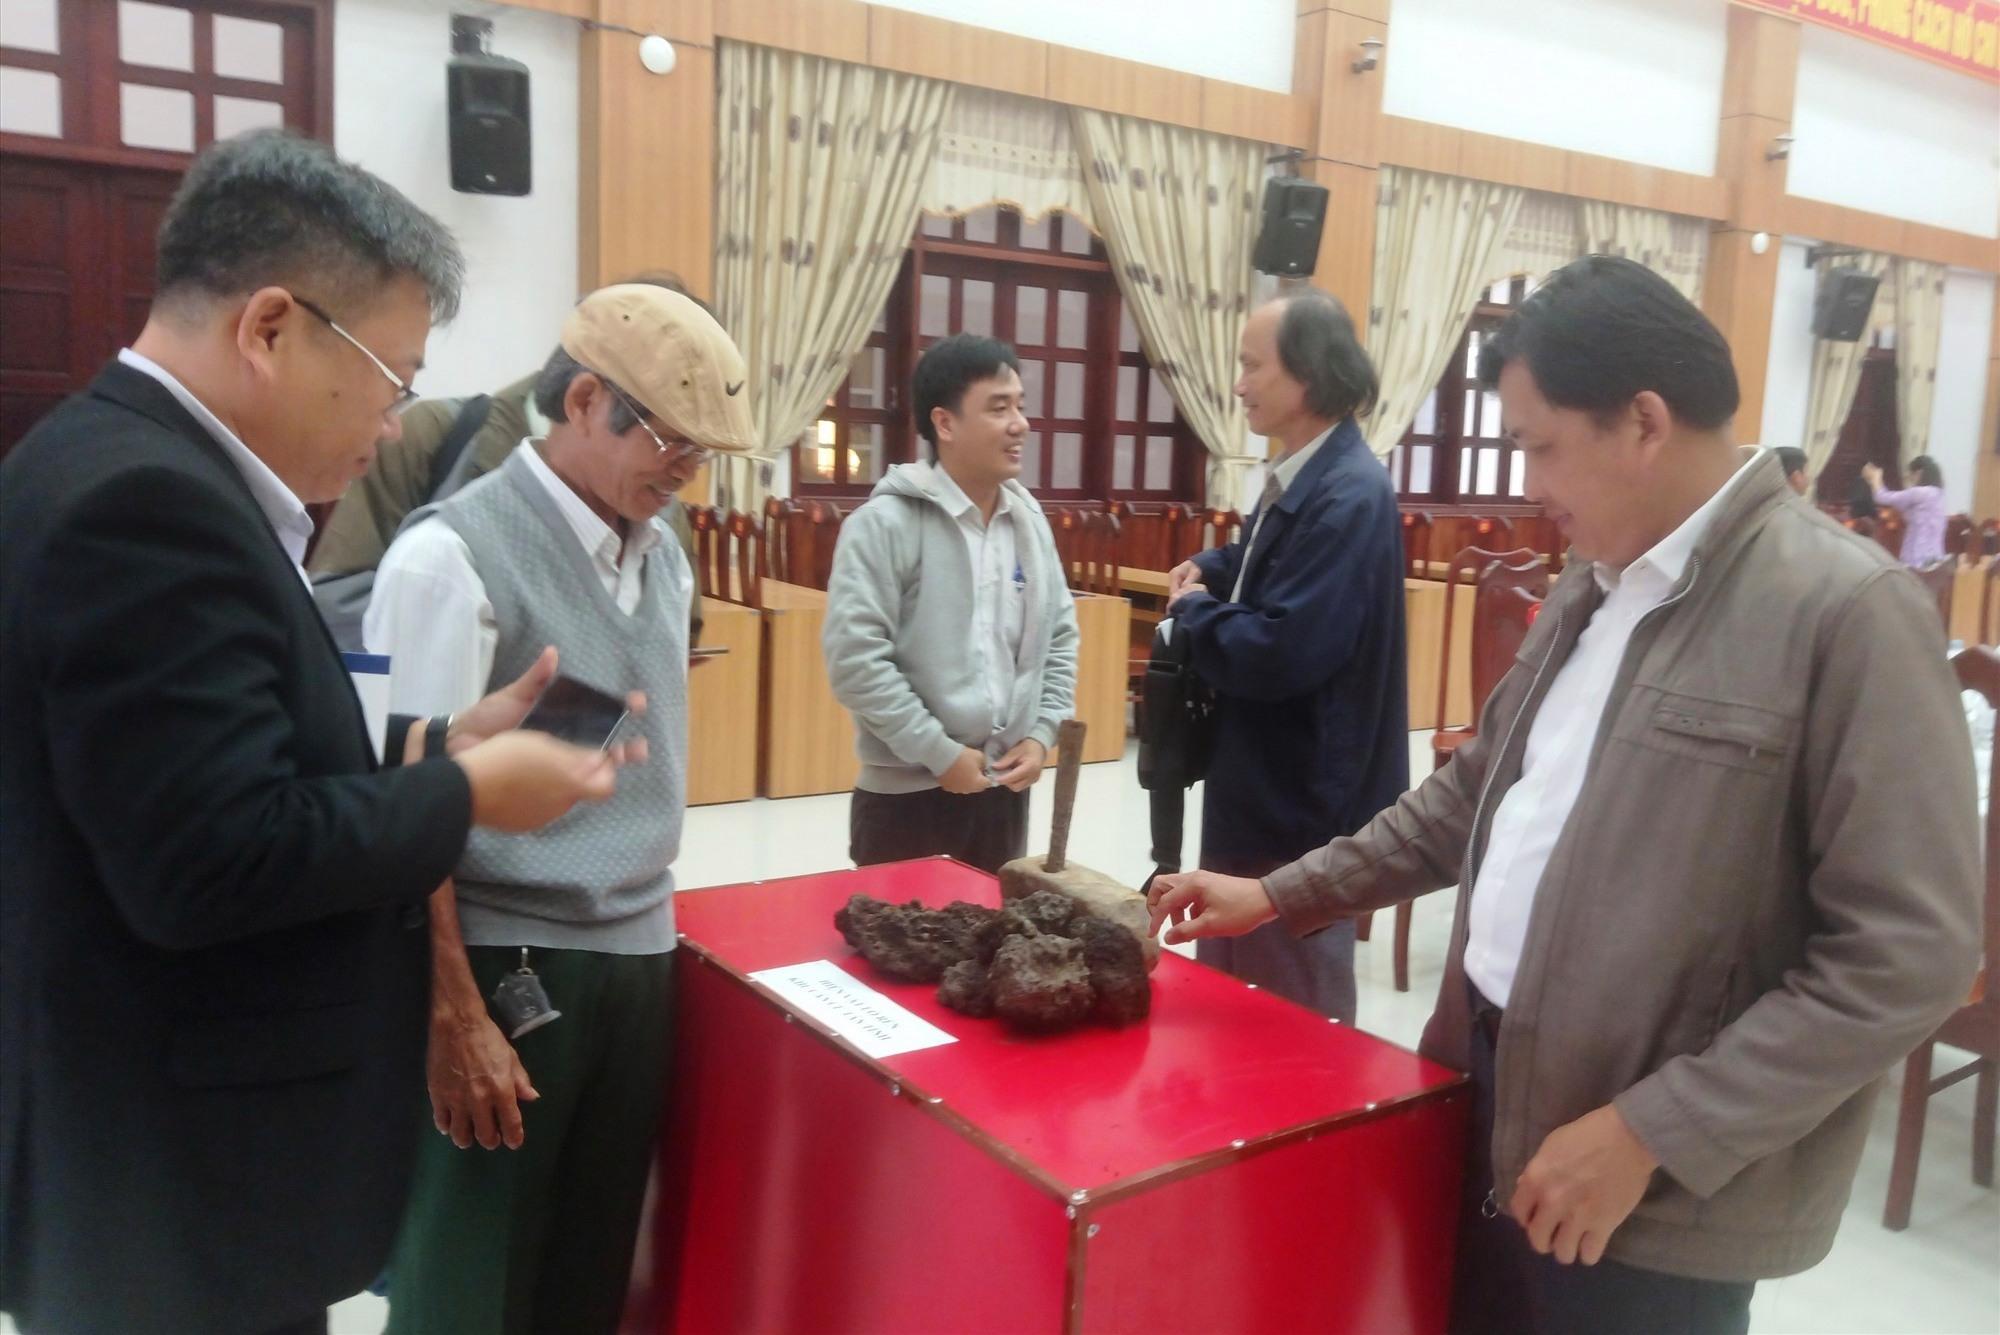 Trưng bày hiện vật sưu tầm liên quan tới Khu căn cứ tân tỉnh Trung Lộc tại buổi tọa đàm. Ảnh: HOÀNG LIÊN